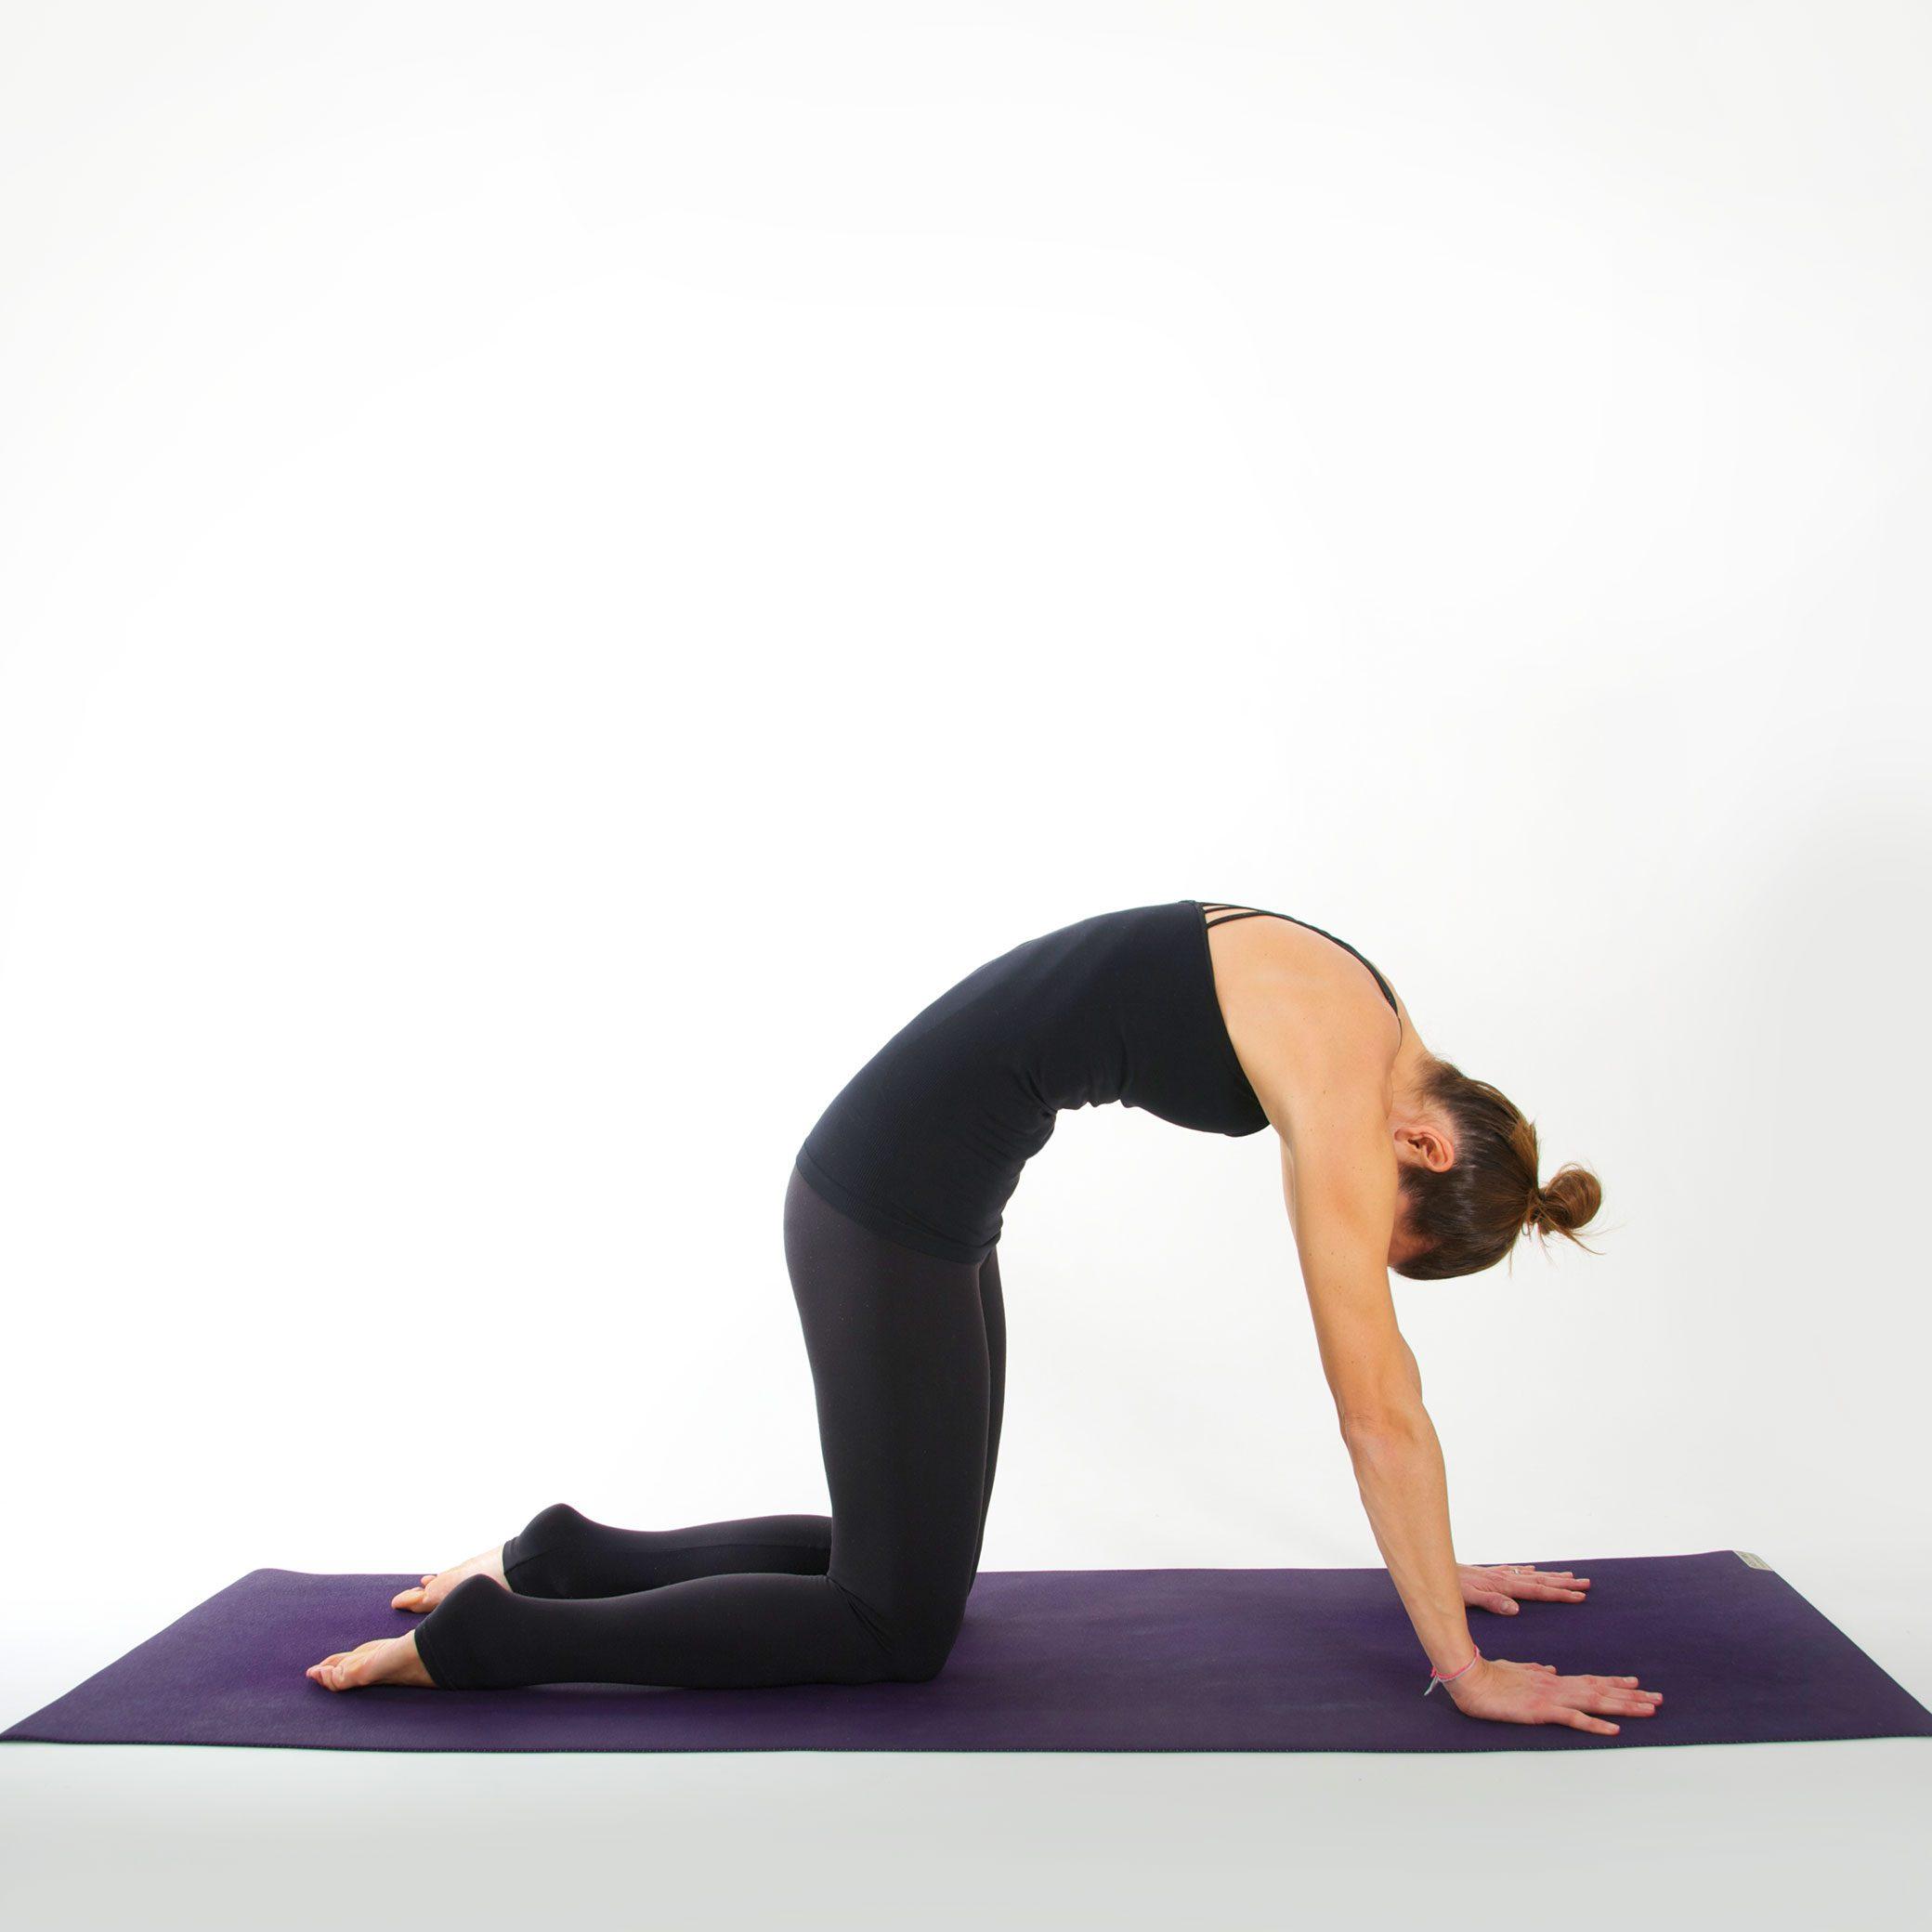 Yoga Asana I KATZE I myyogaflows